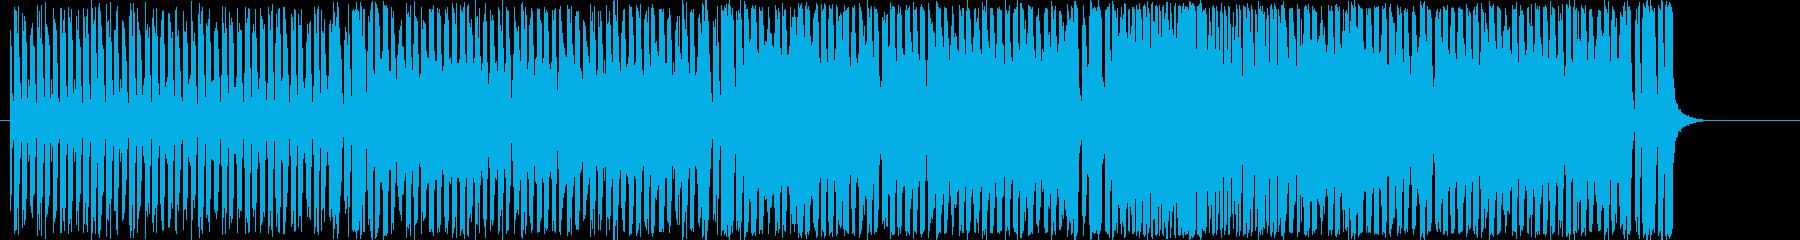 スピード感のある2管フロントのジャズの再生済みの波形